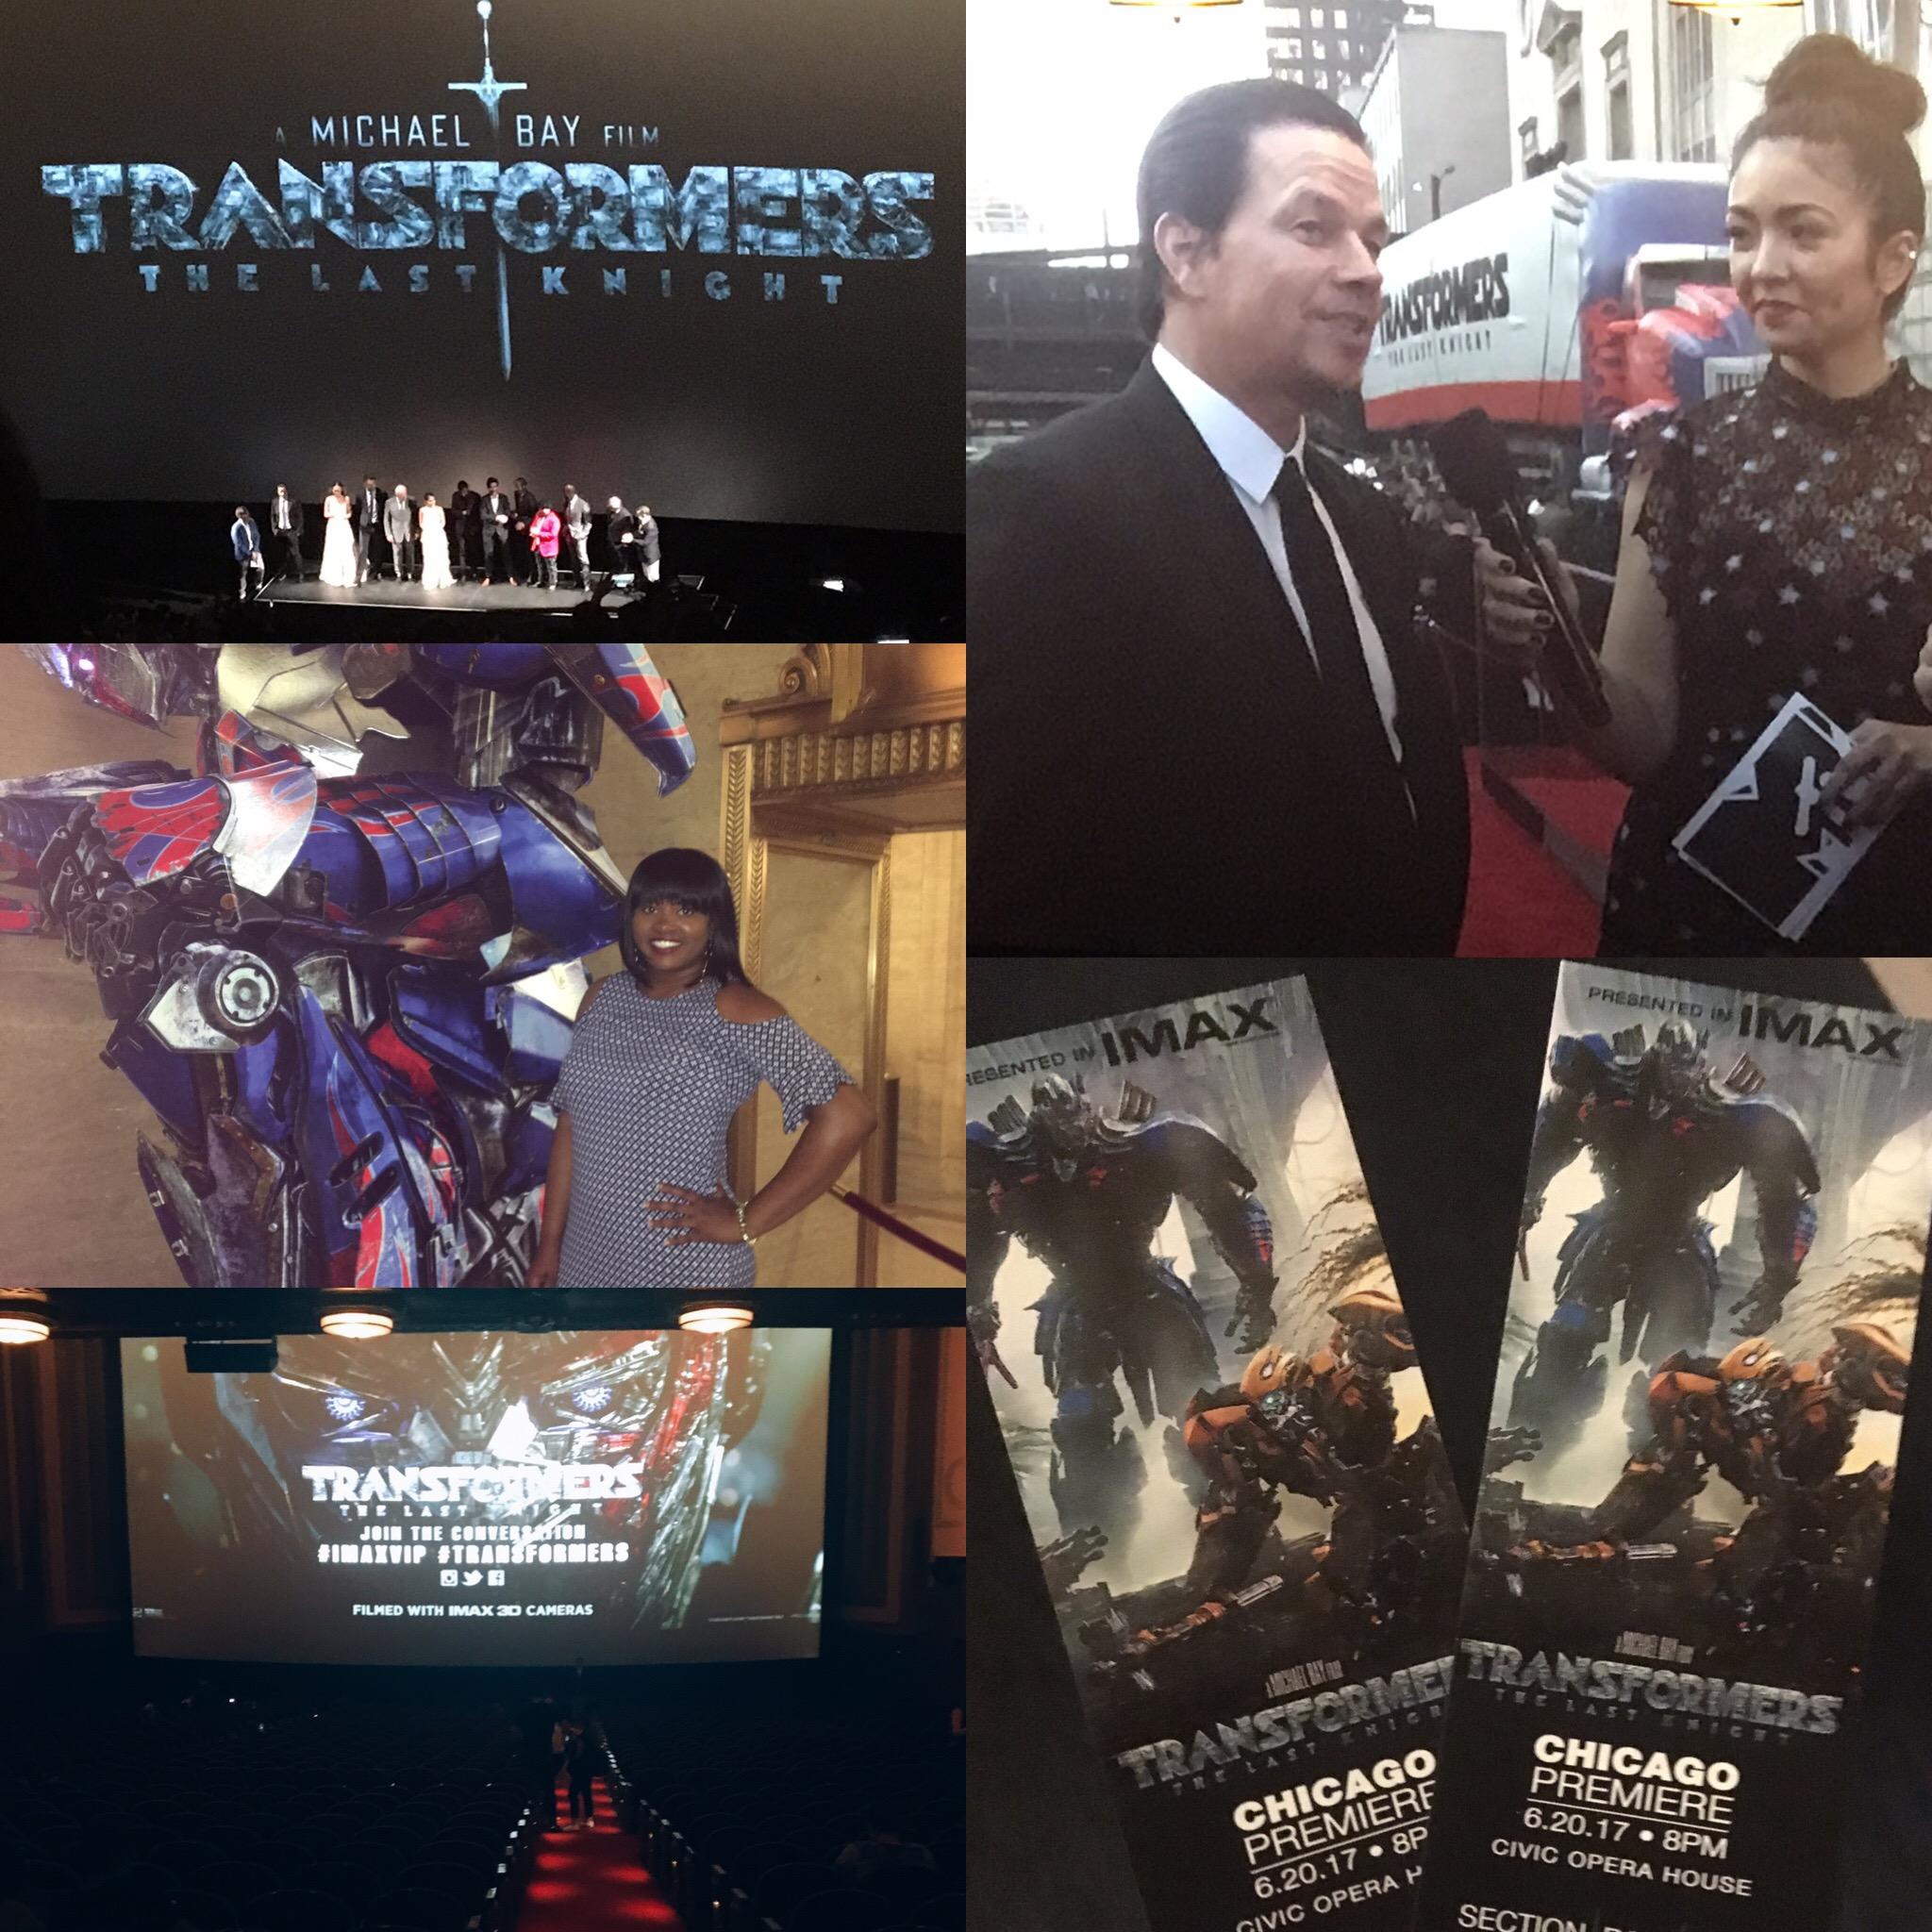 Transformers U.S. Premiere